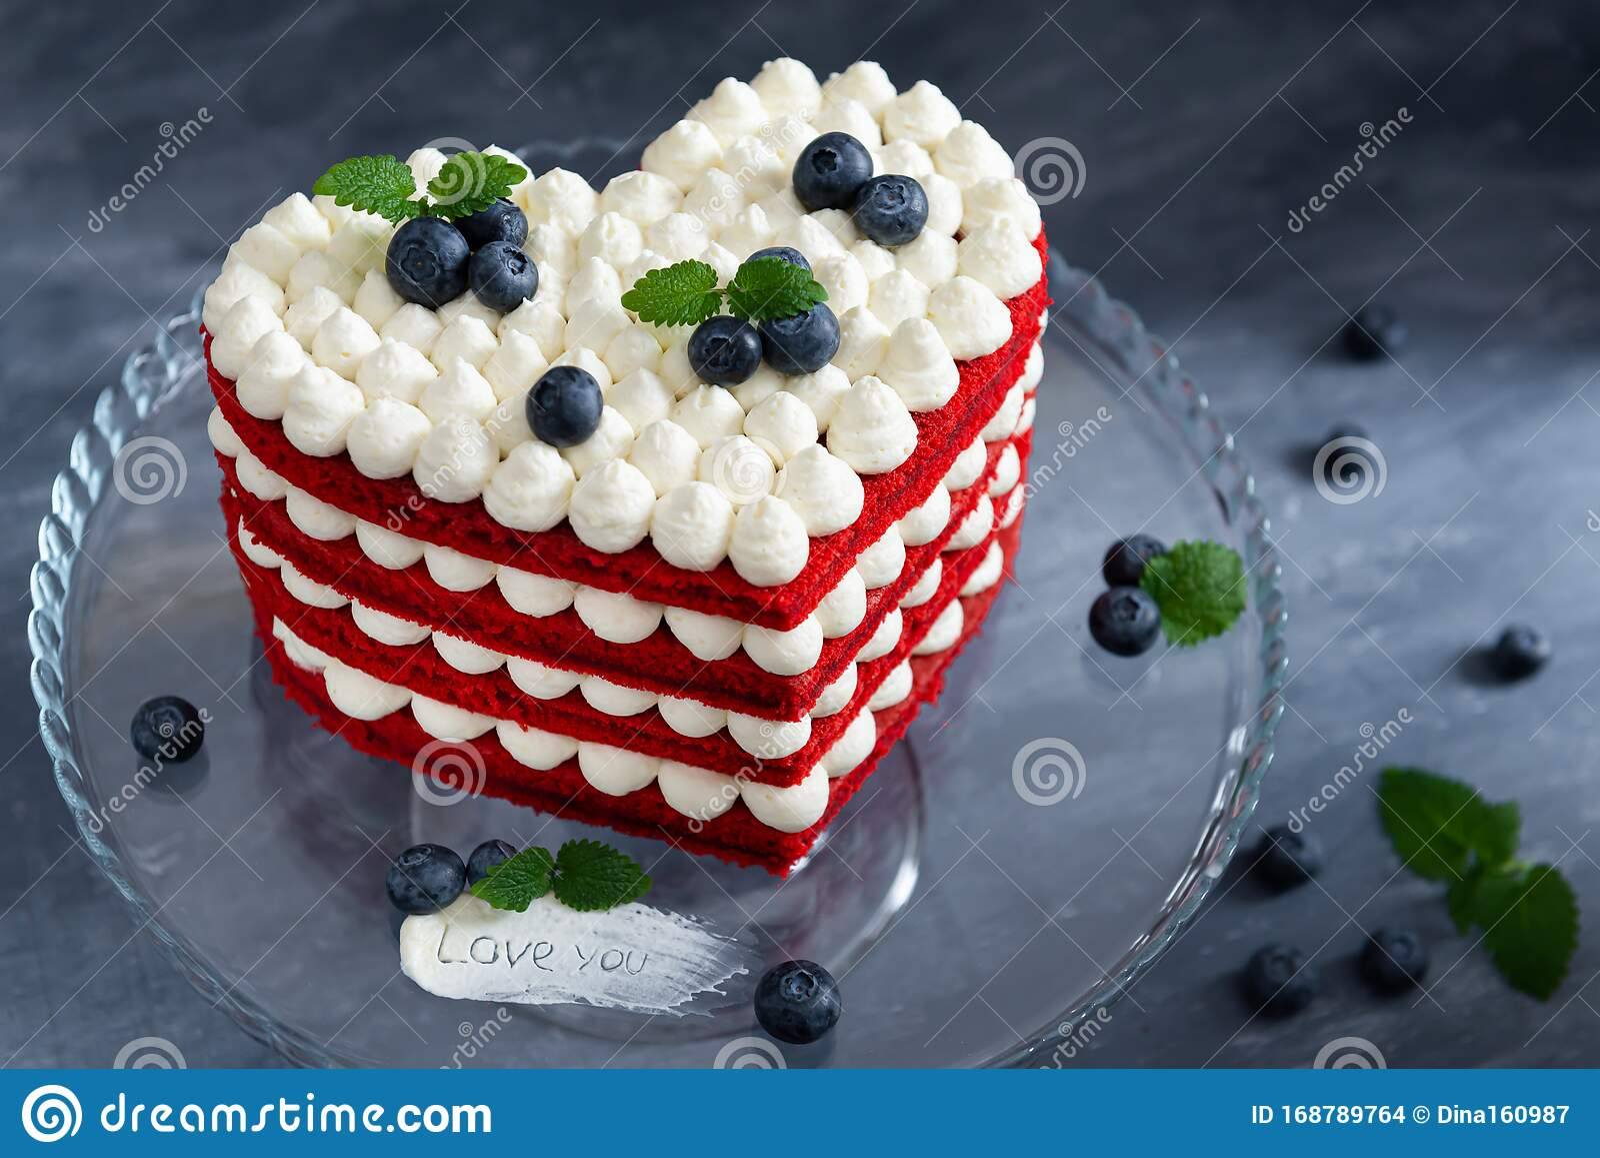 Homemade Red Velvet Cake In Heart Shape ...